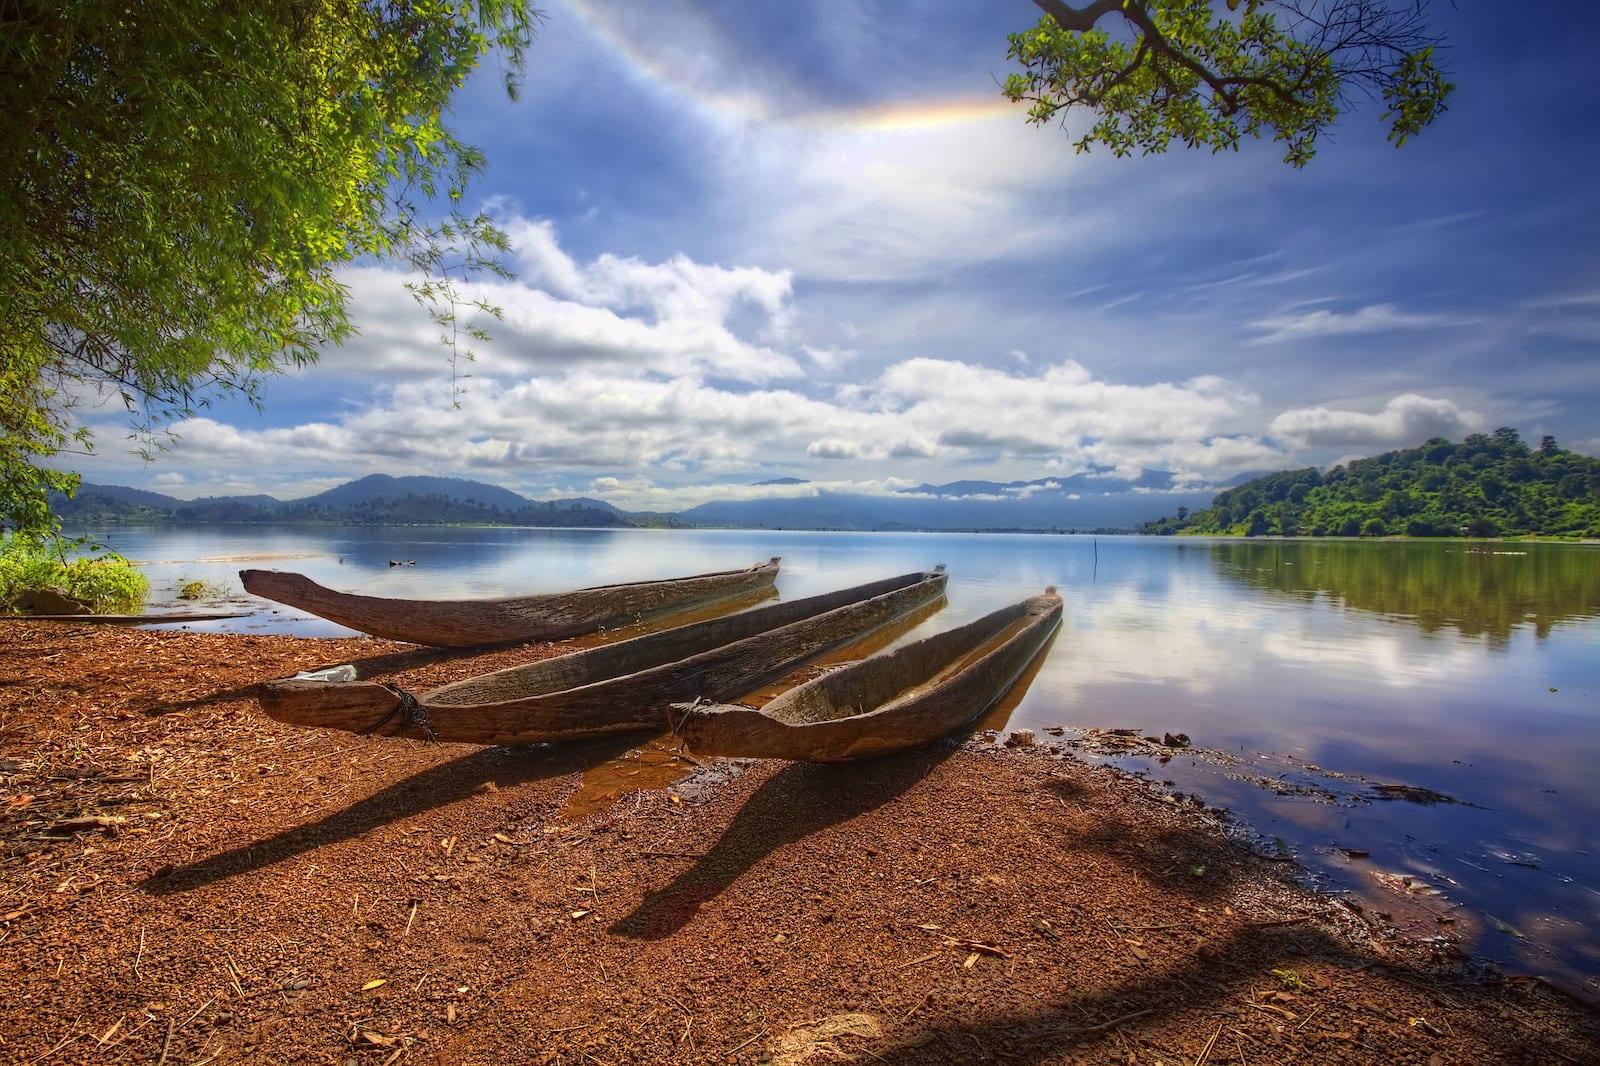 Lak Lake, Dak Lak Province